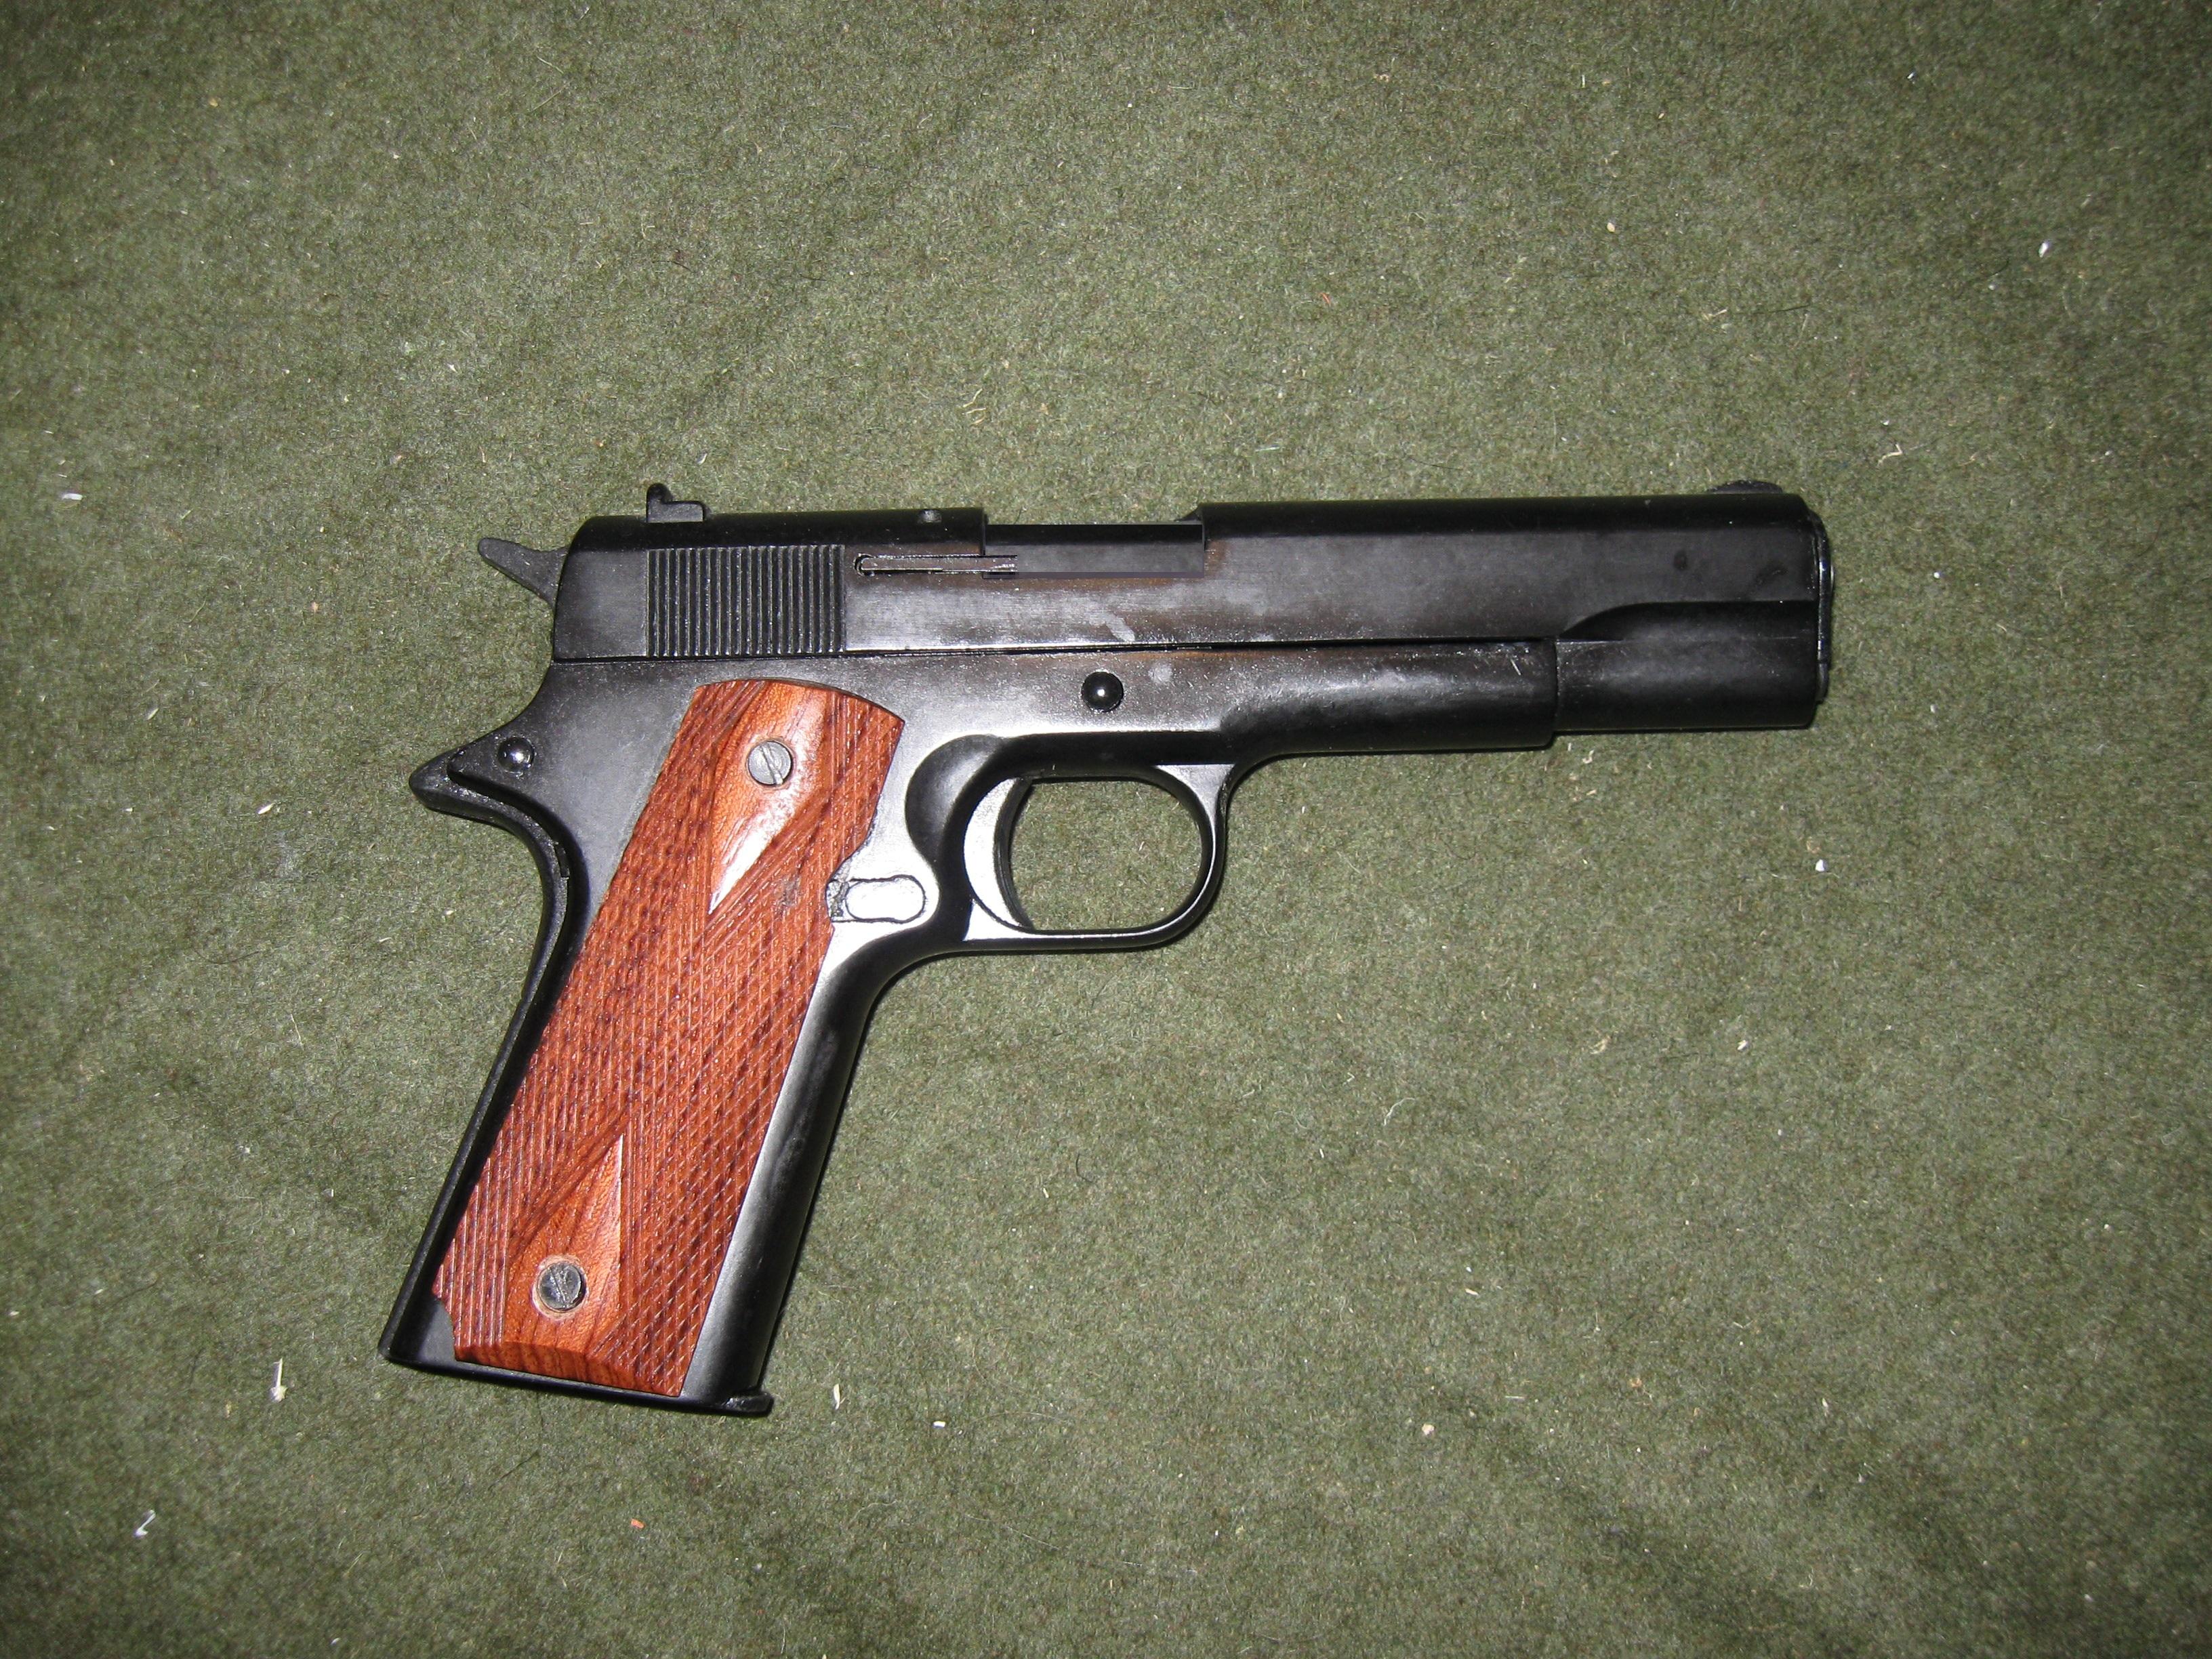 Colt 1911 8mm Blank Firing Pistol, Blued Barrel, Wood Grips Deluxe